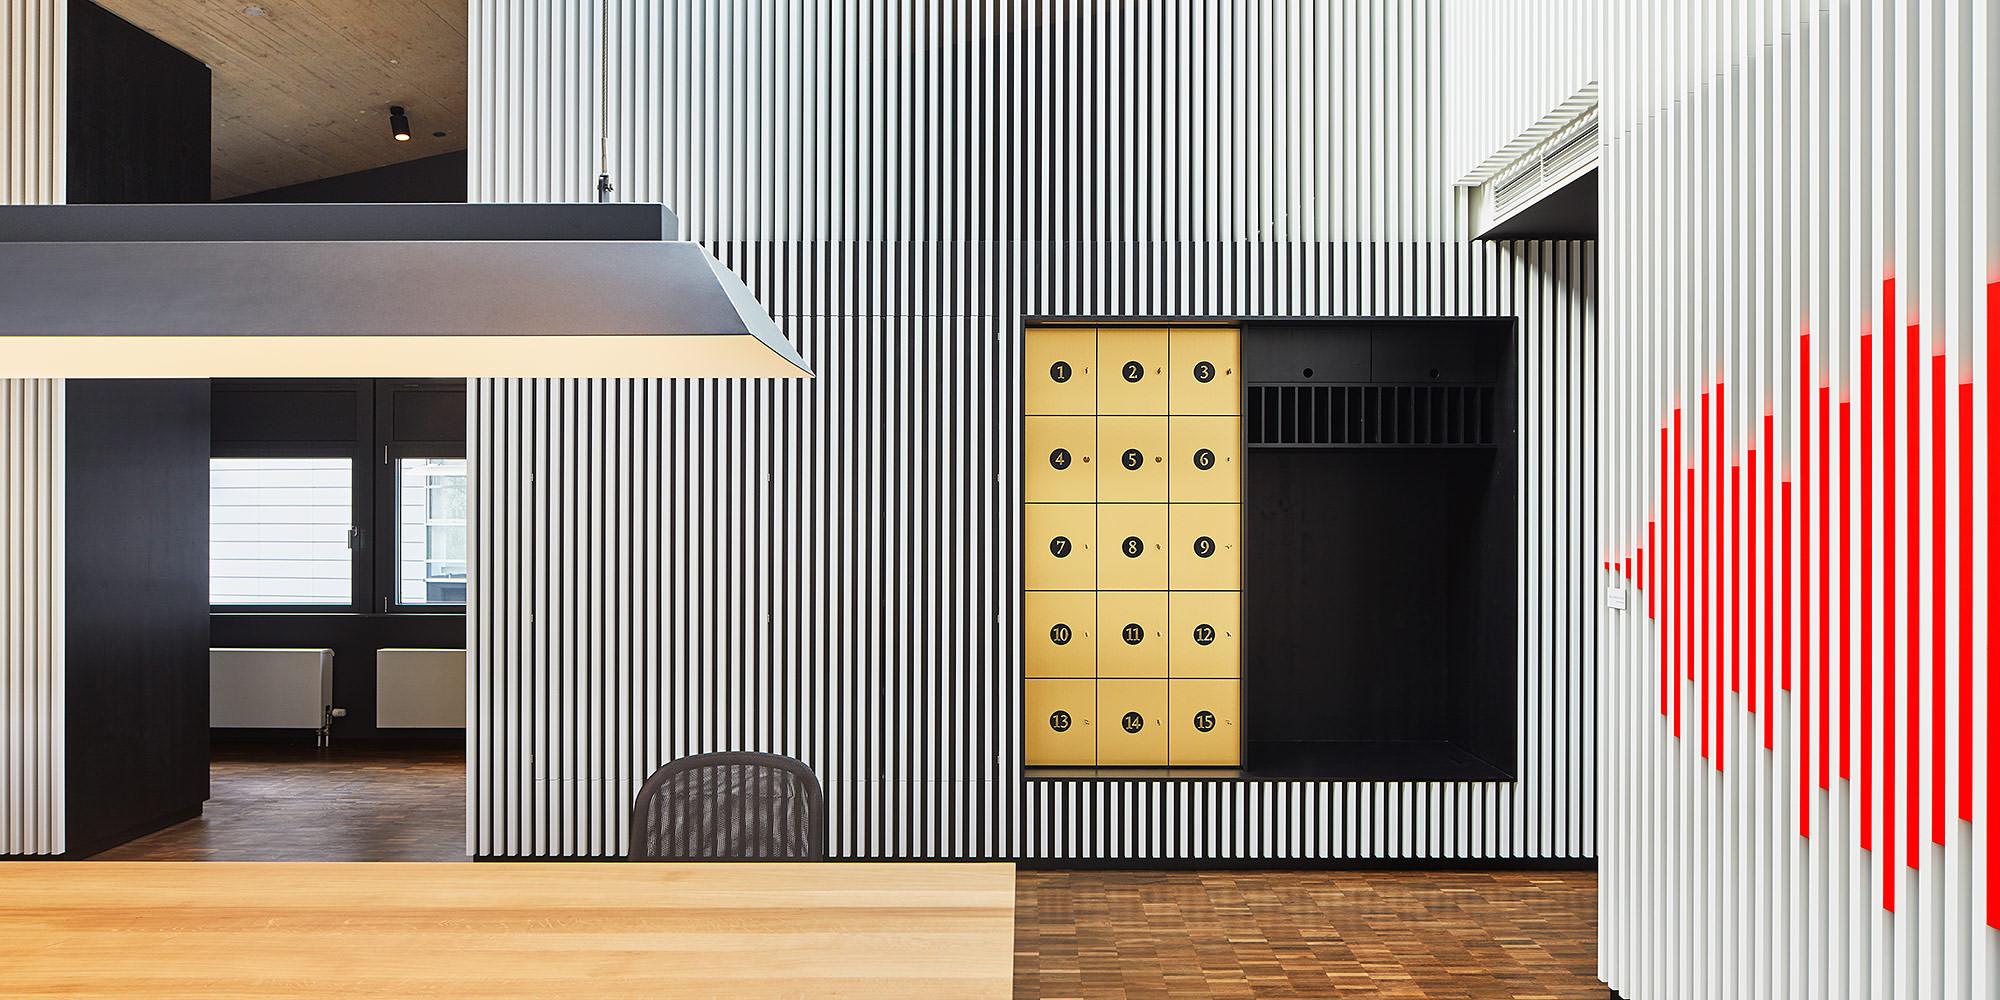 Architekturfotografie eines Büros © Philip Kistner